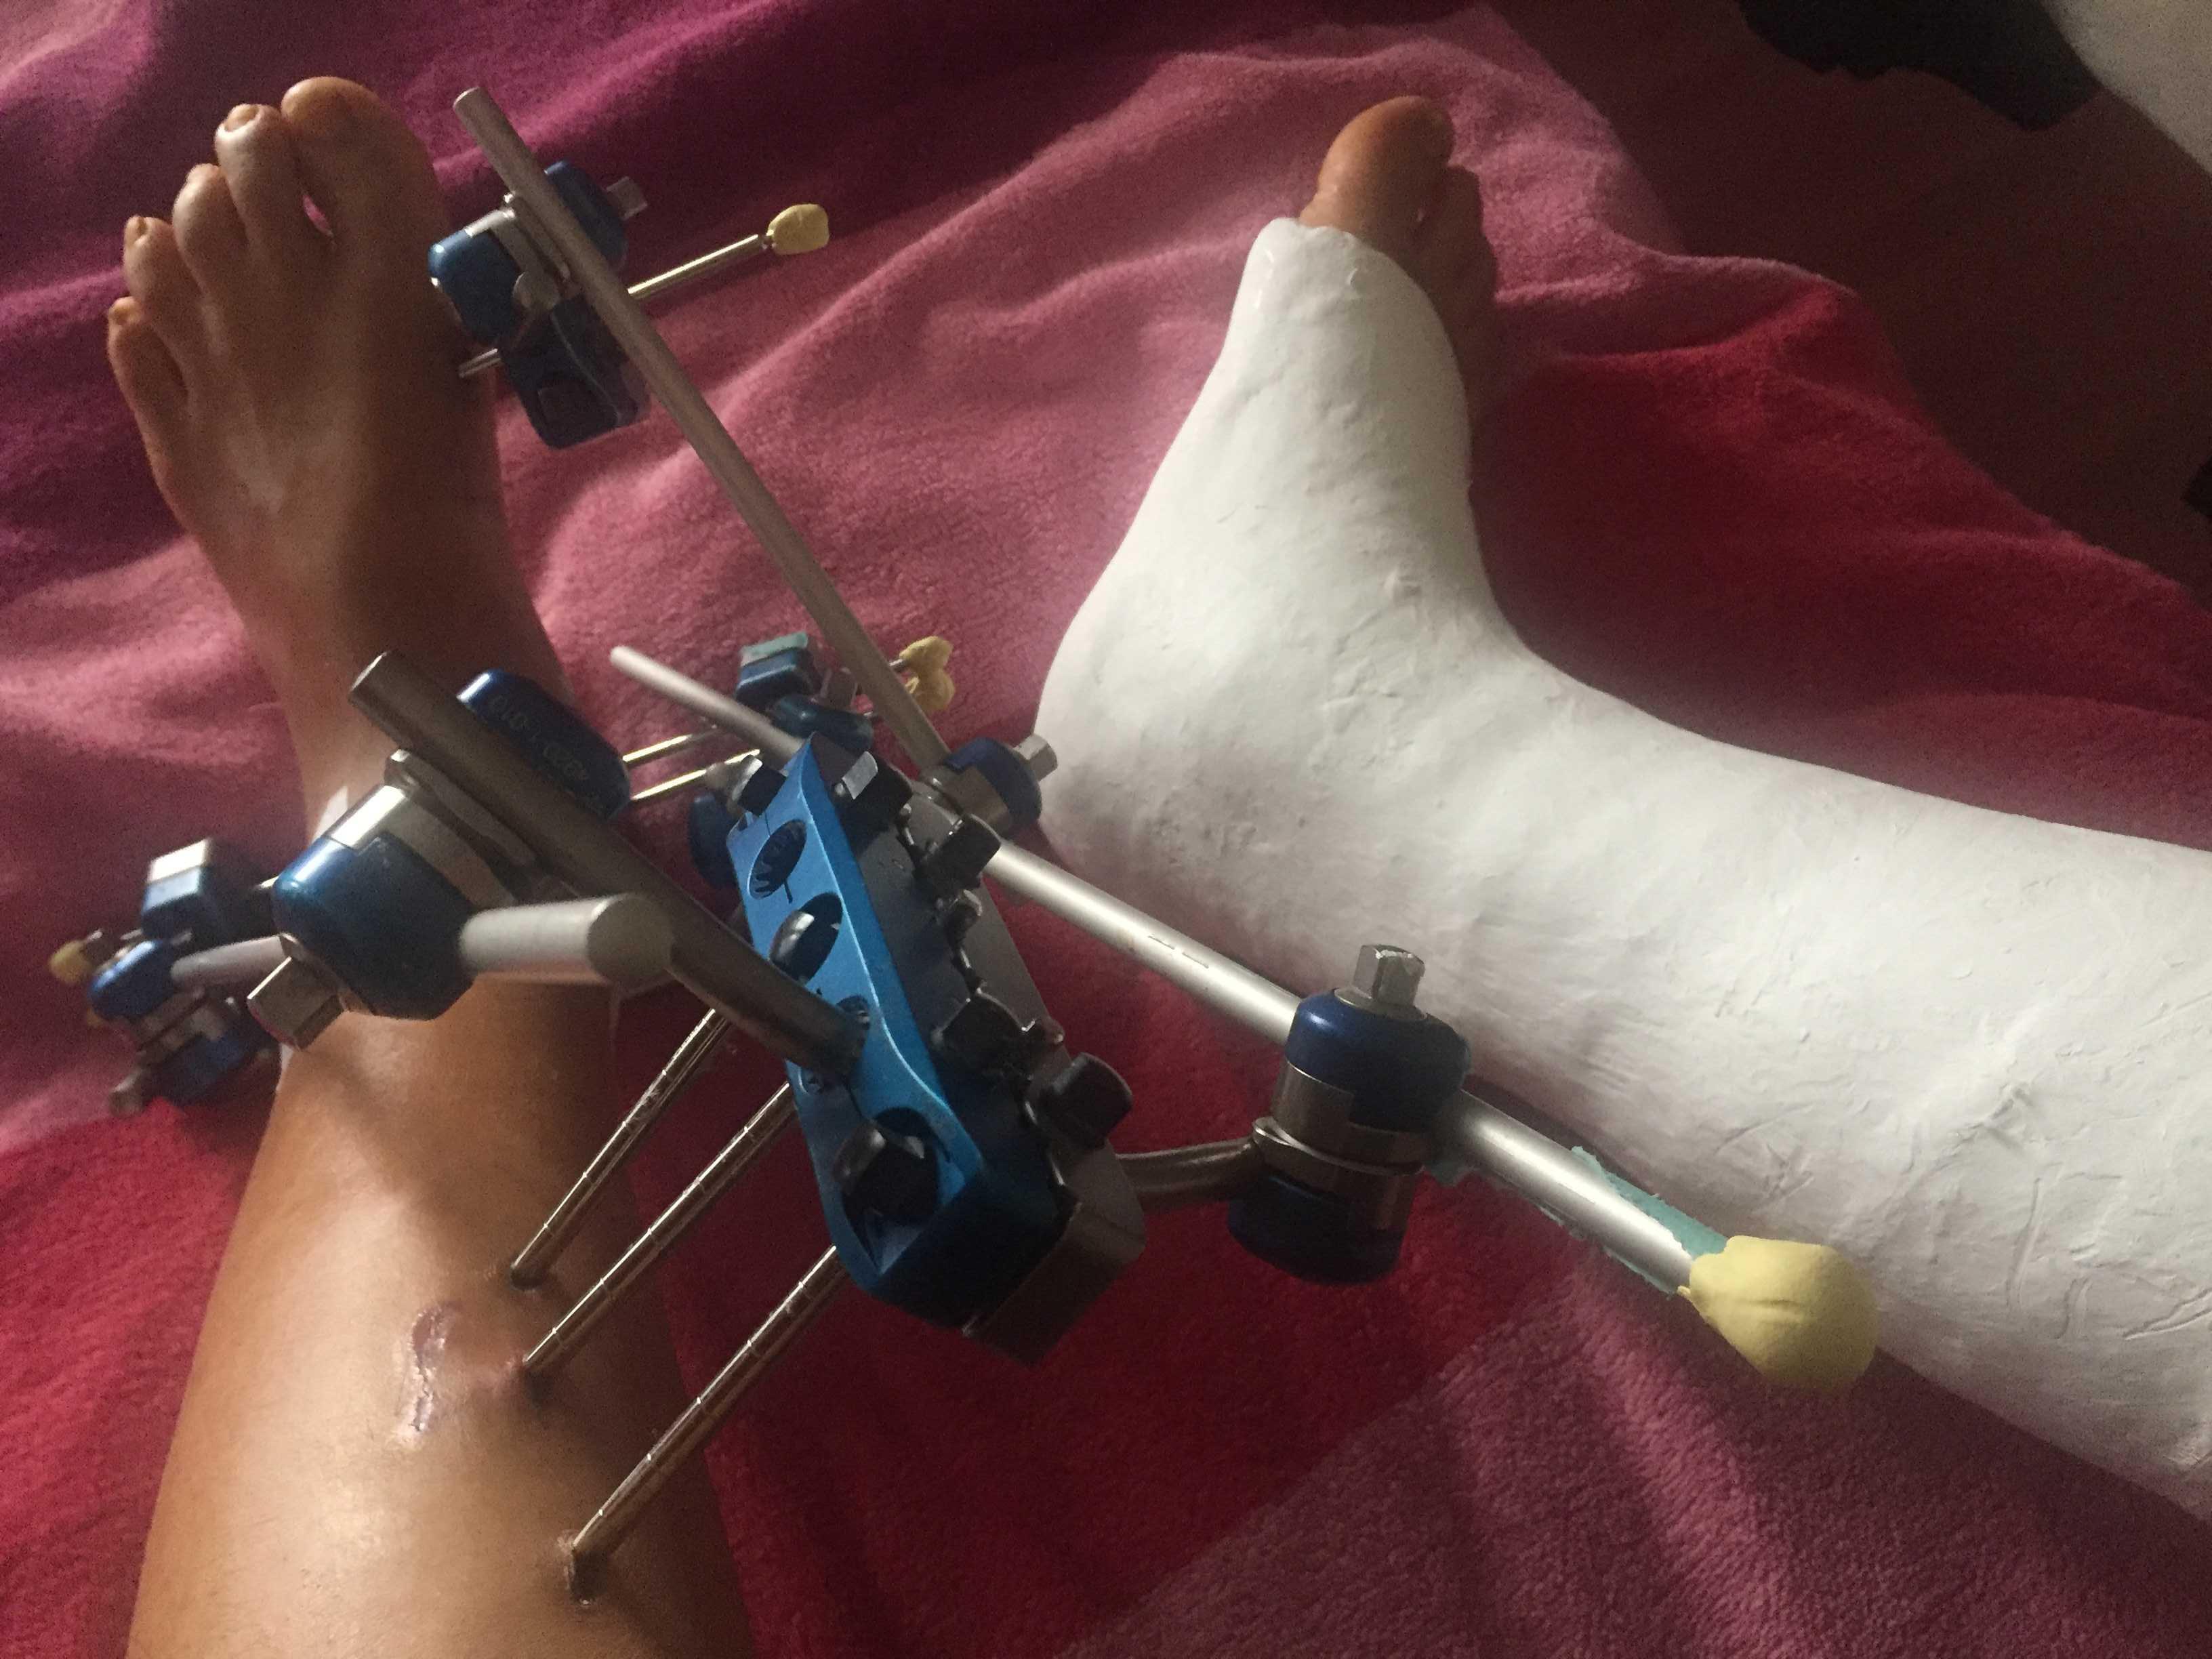 複雑骨折のサポート器具に小細工^_^; - フランスで山歩き